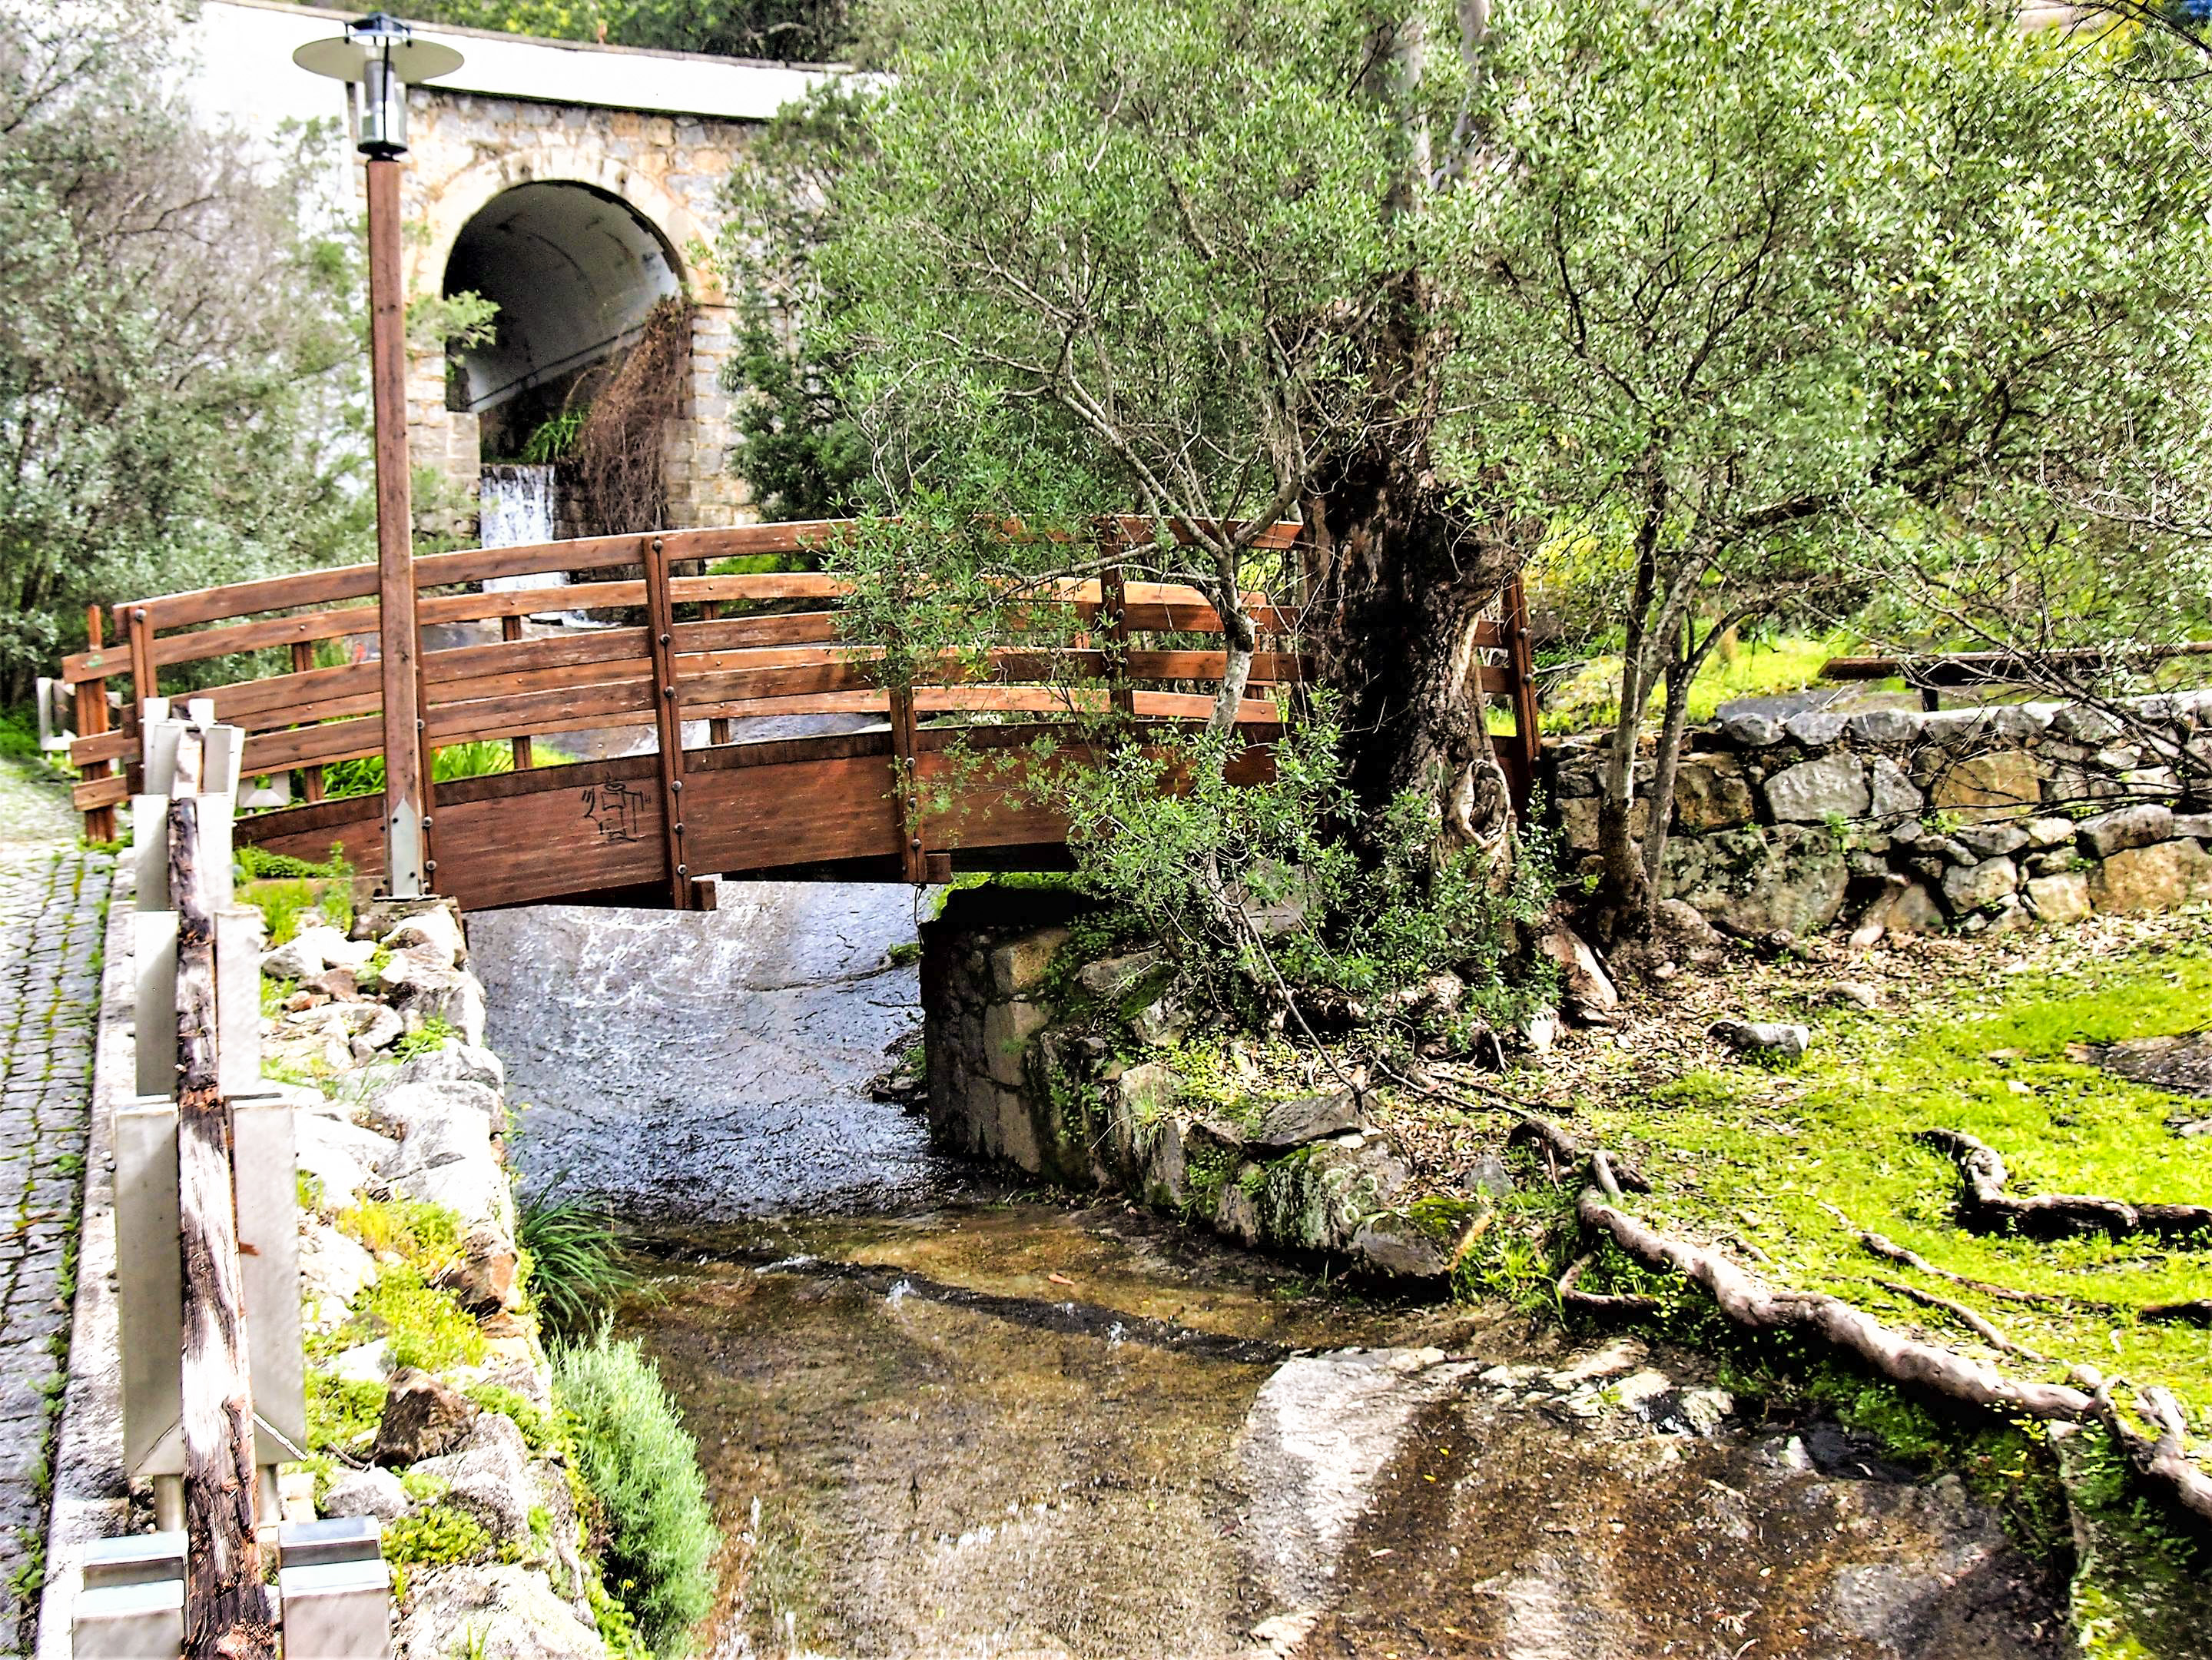 Cascadas y manantiales en Caldas de Monchique, un pequeño pueblo a los pies de la Serra de Monchique.